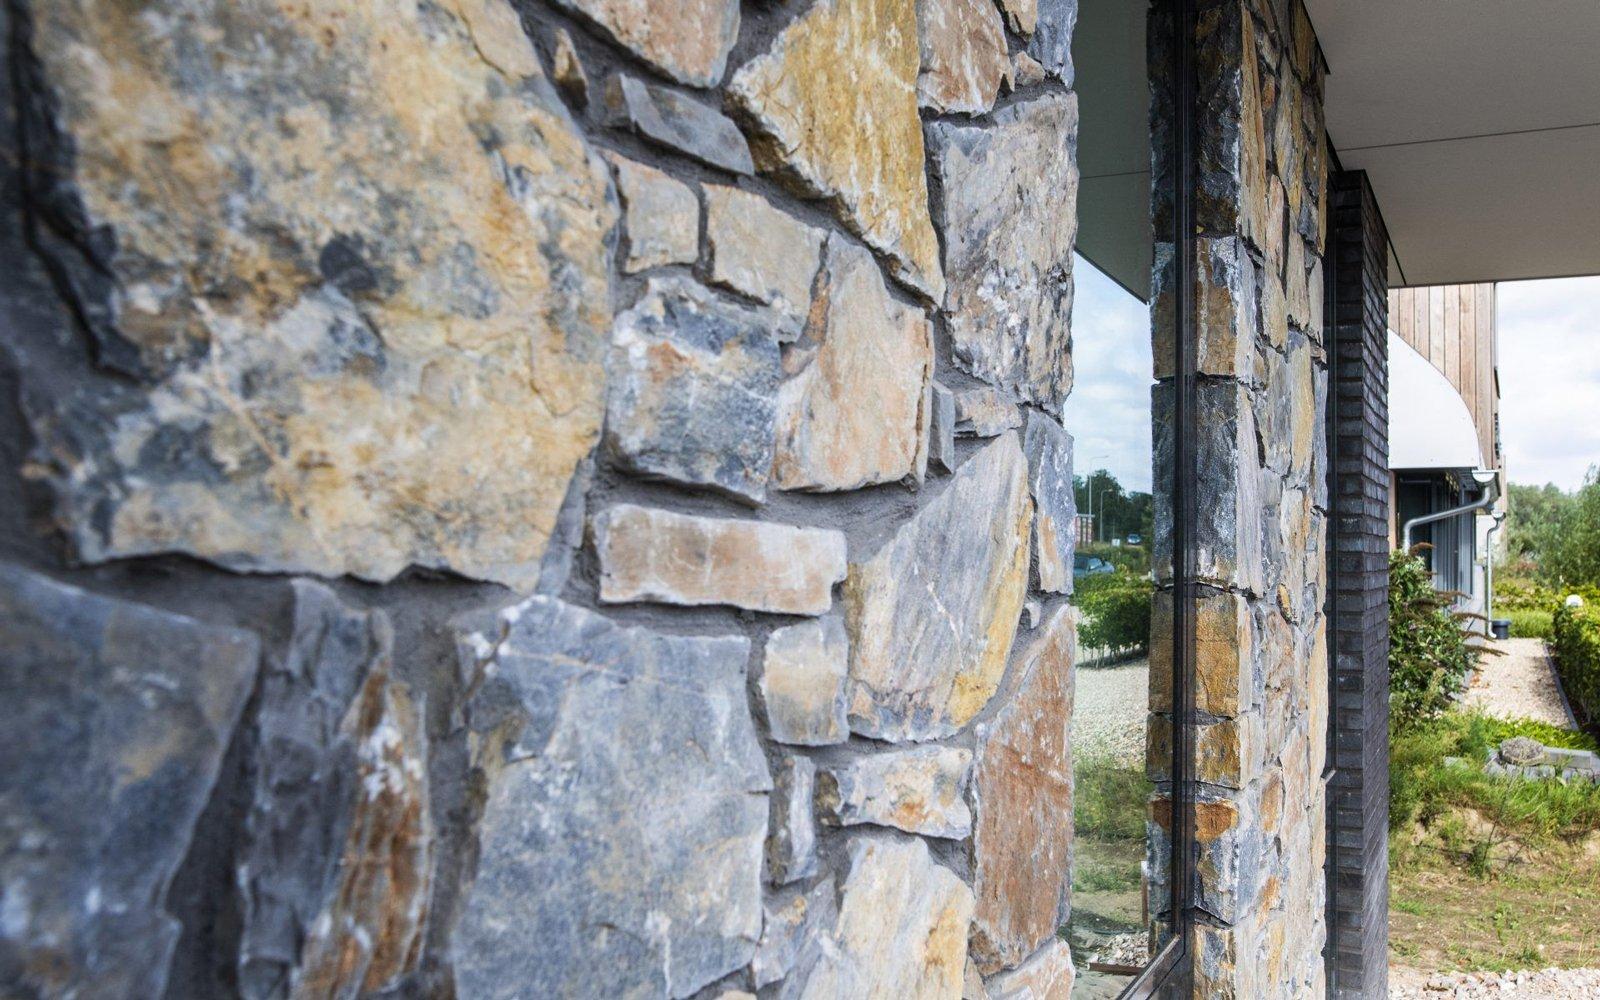 Natuurgevelsteen, kantoorvilla, Brokken natuursteen, unieke uitstraling